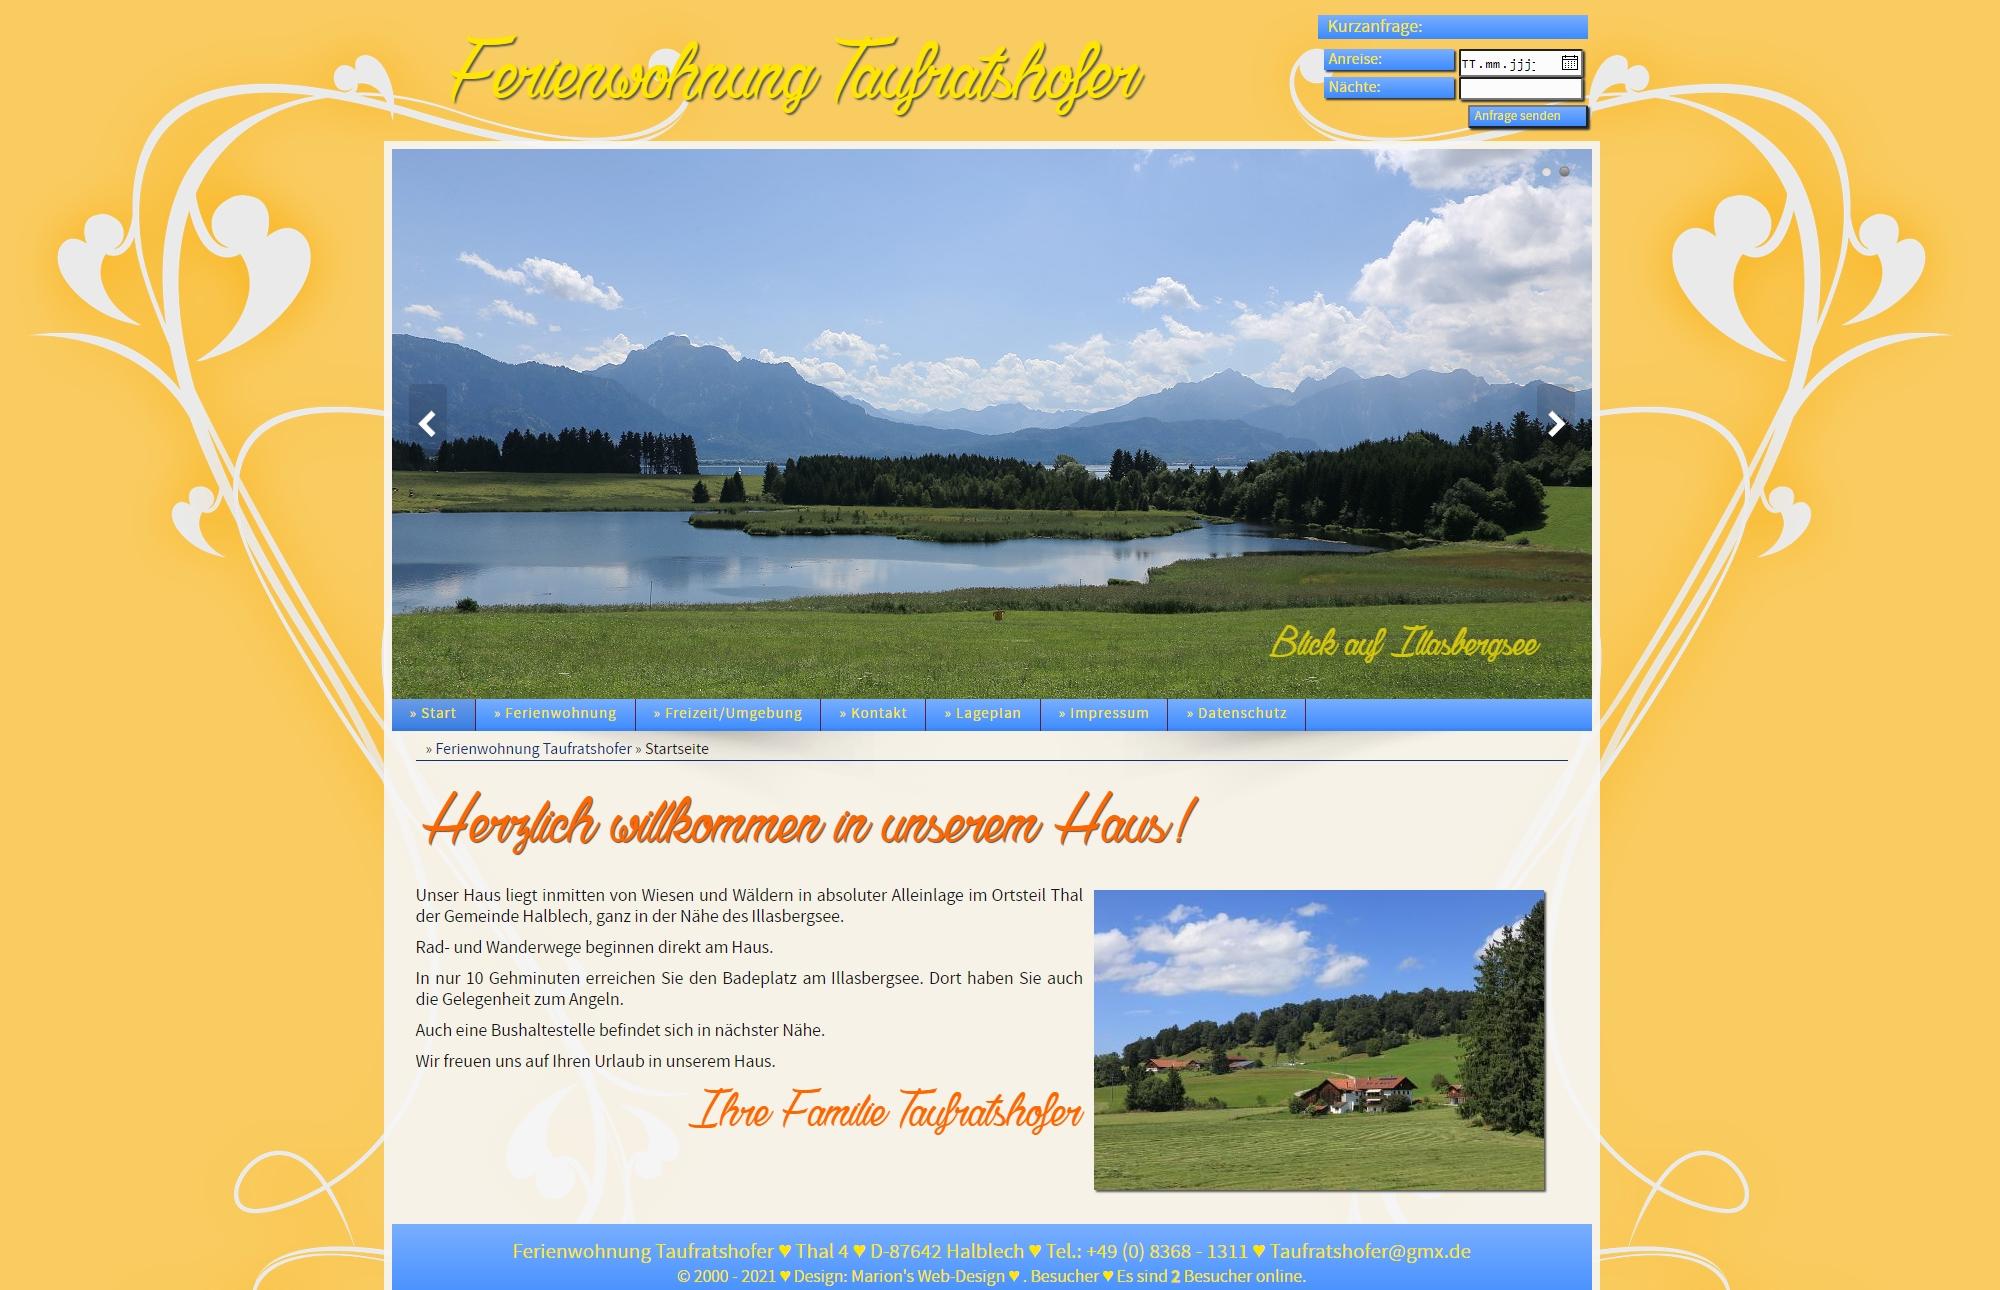 Ferienwohnung Taufratshofer